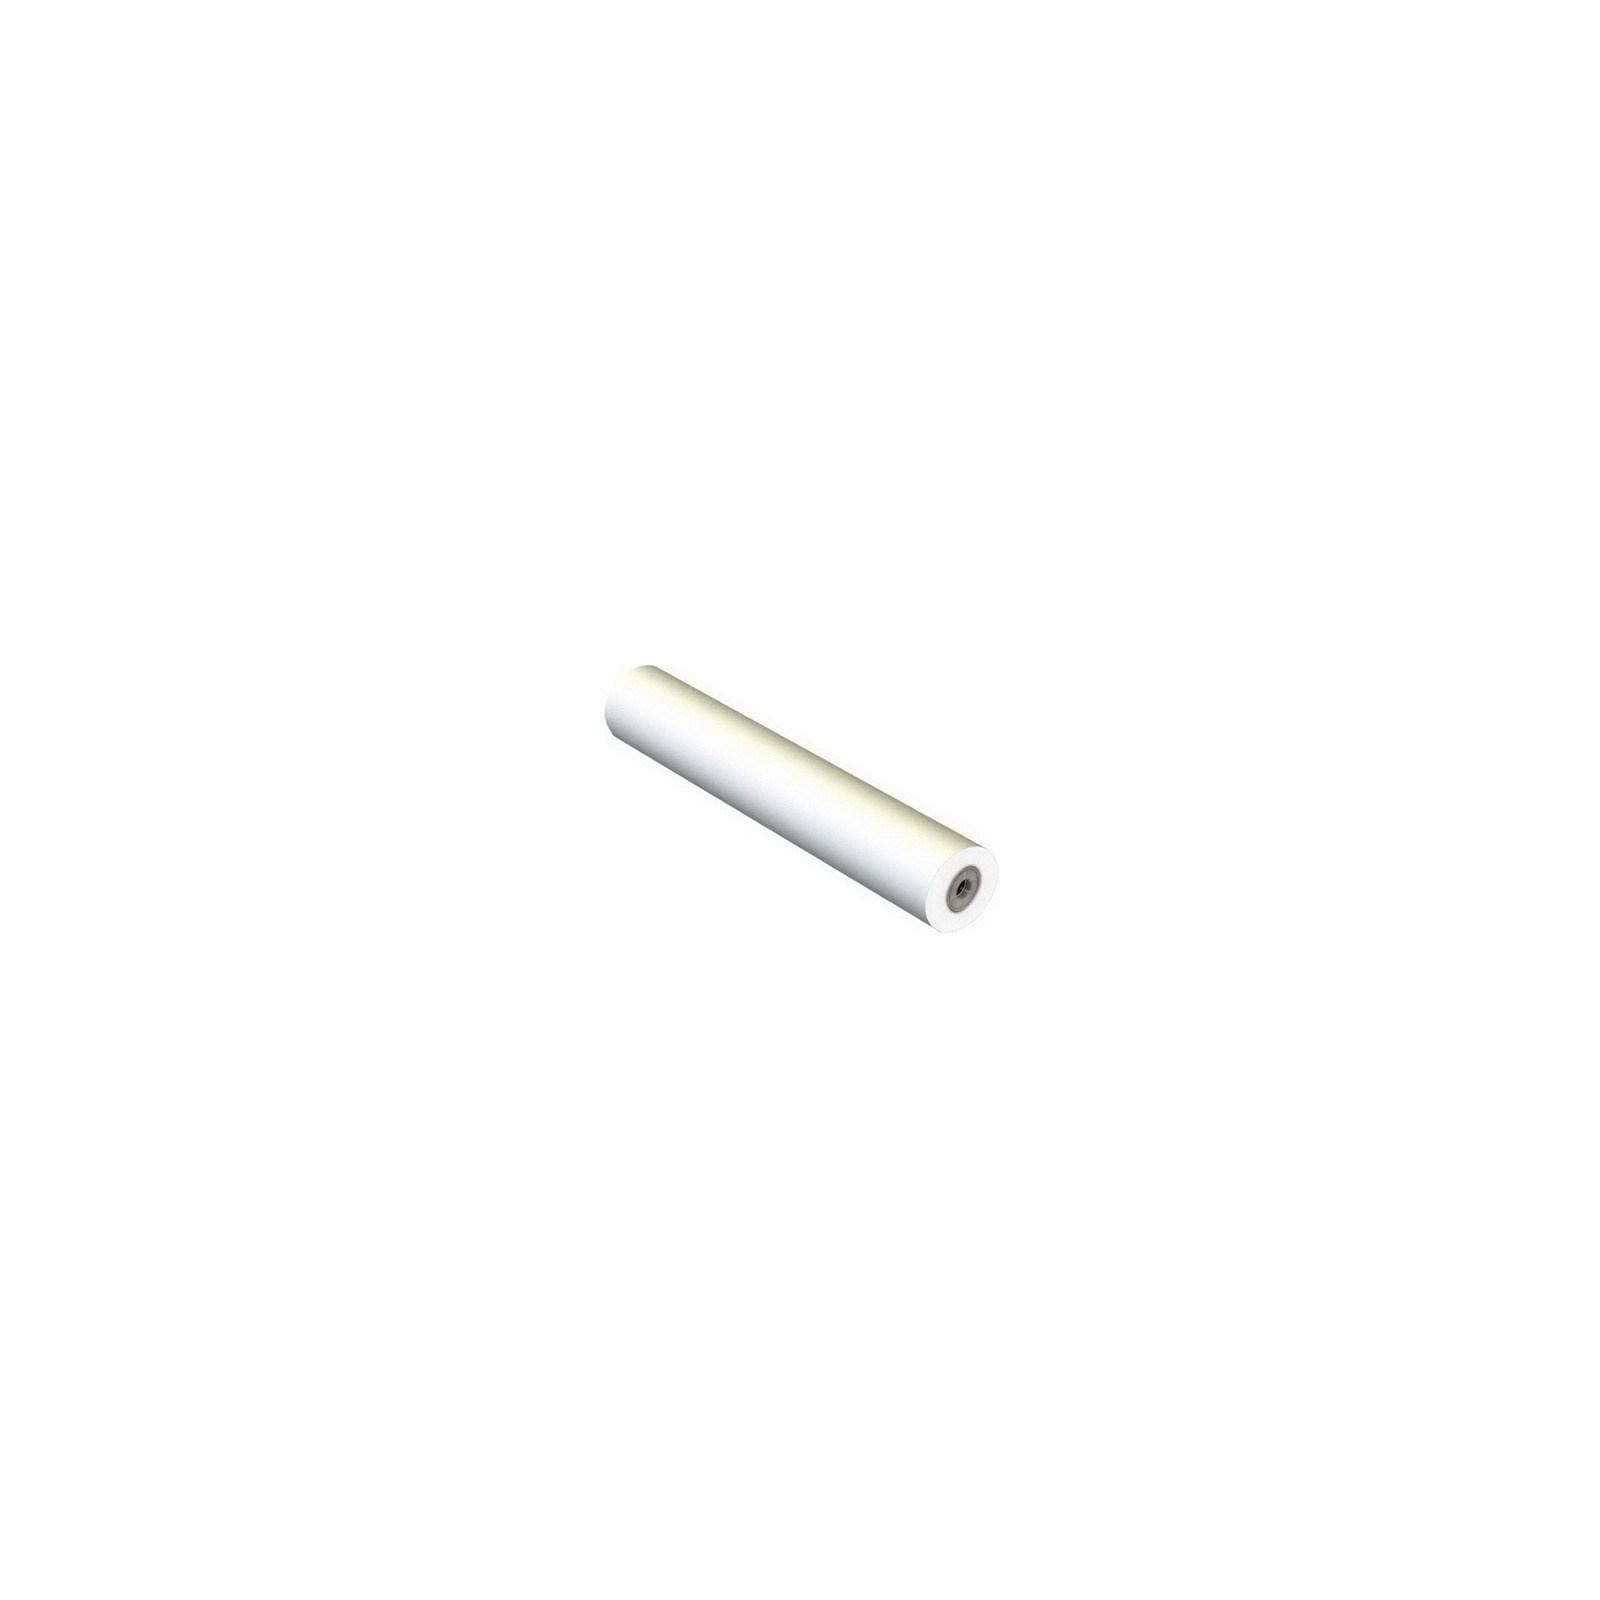 Бумага XEROX 1067мм Inkjet Monochrome (496L94077)